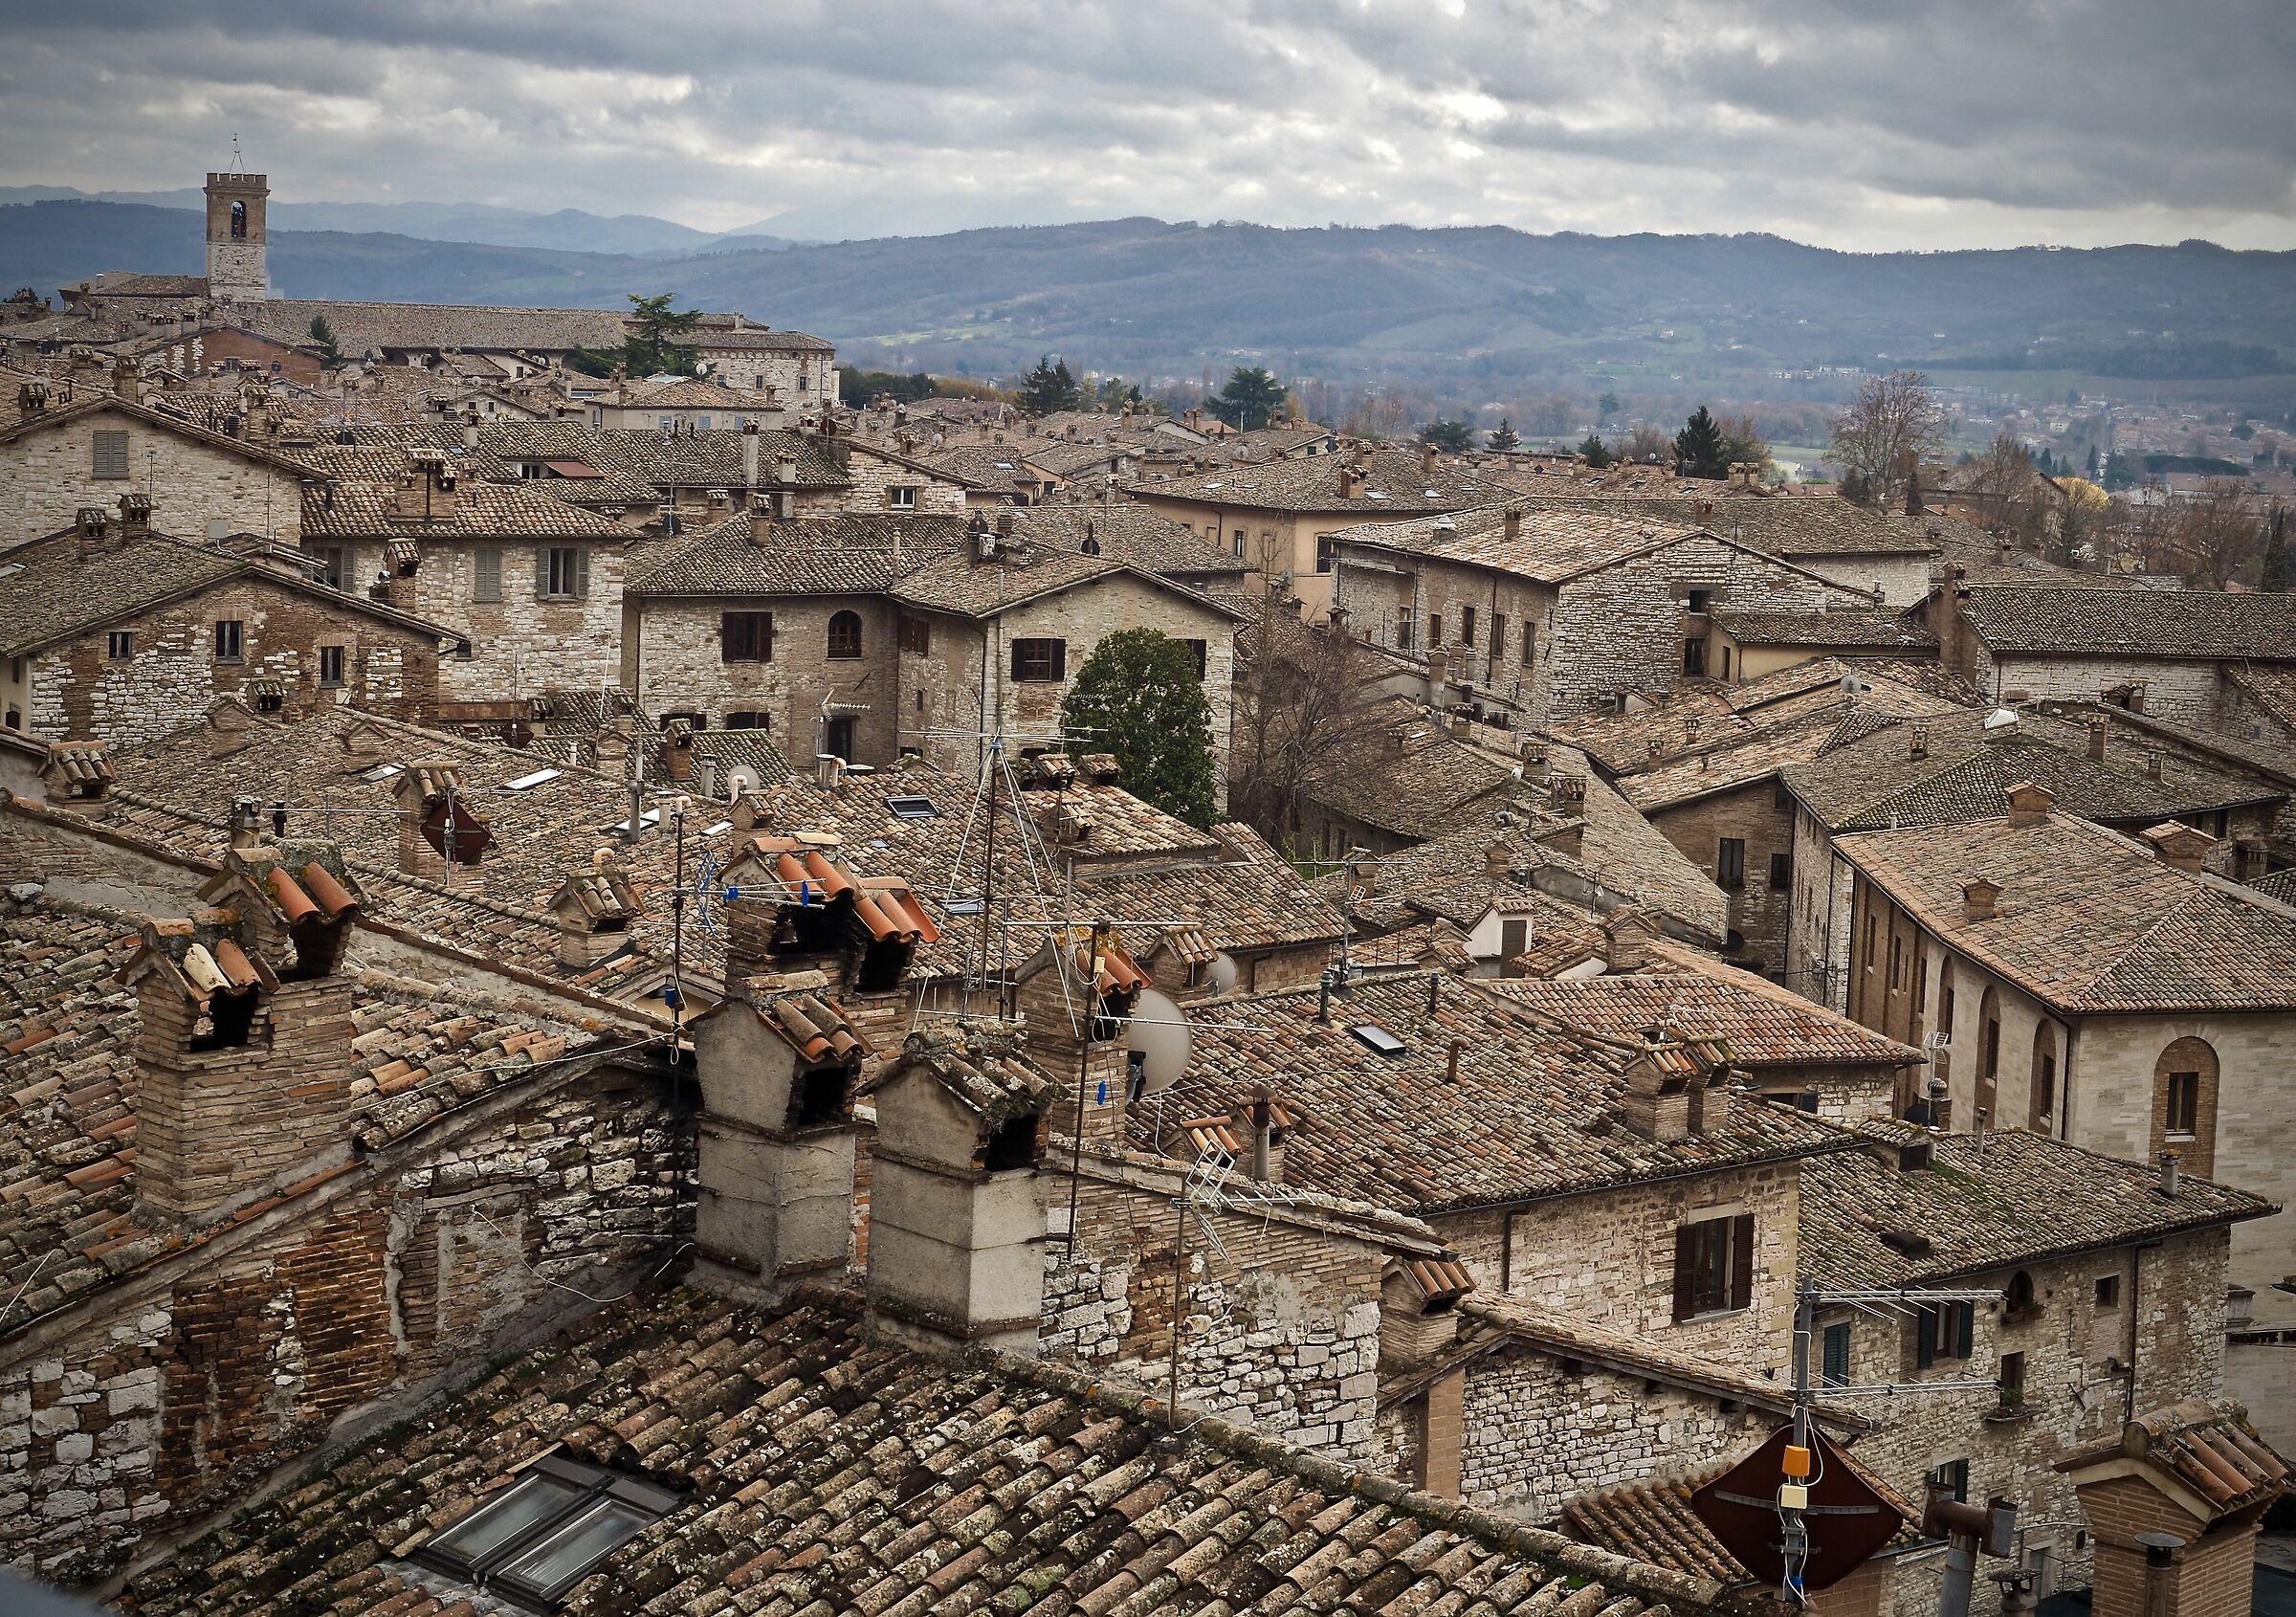 Tetti di Gubbio...